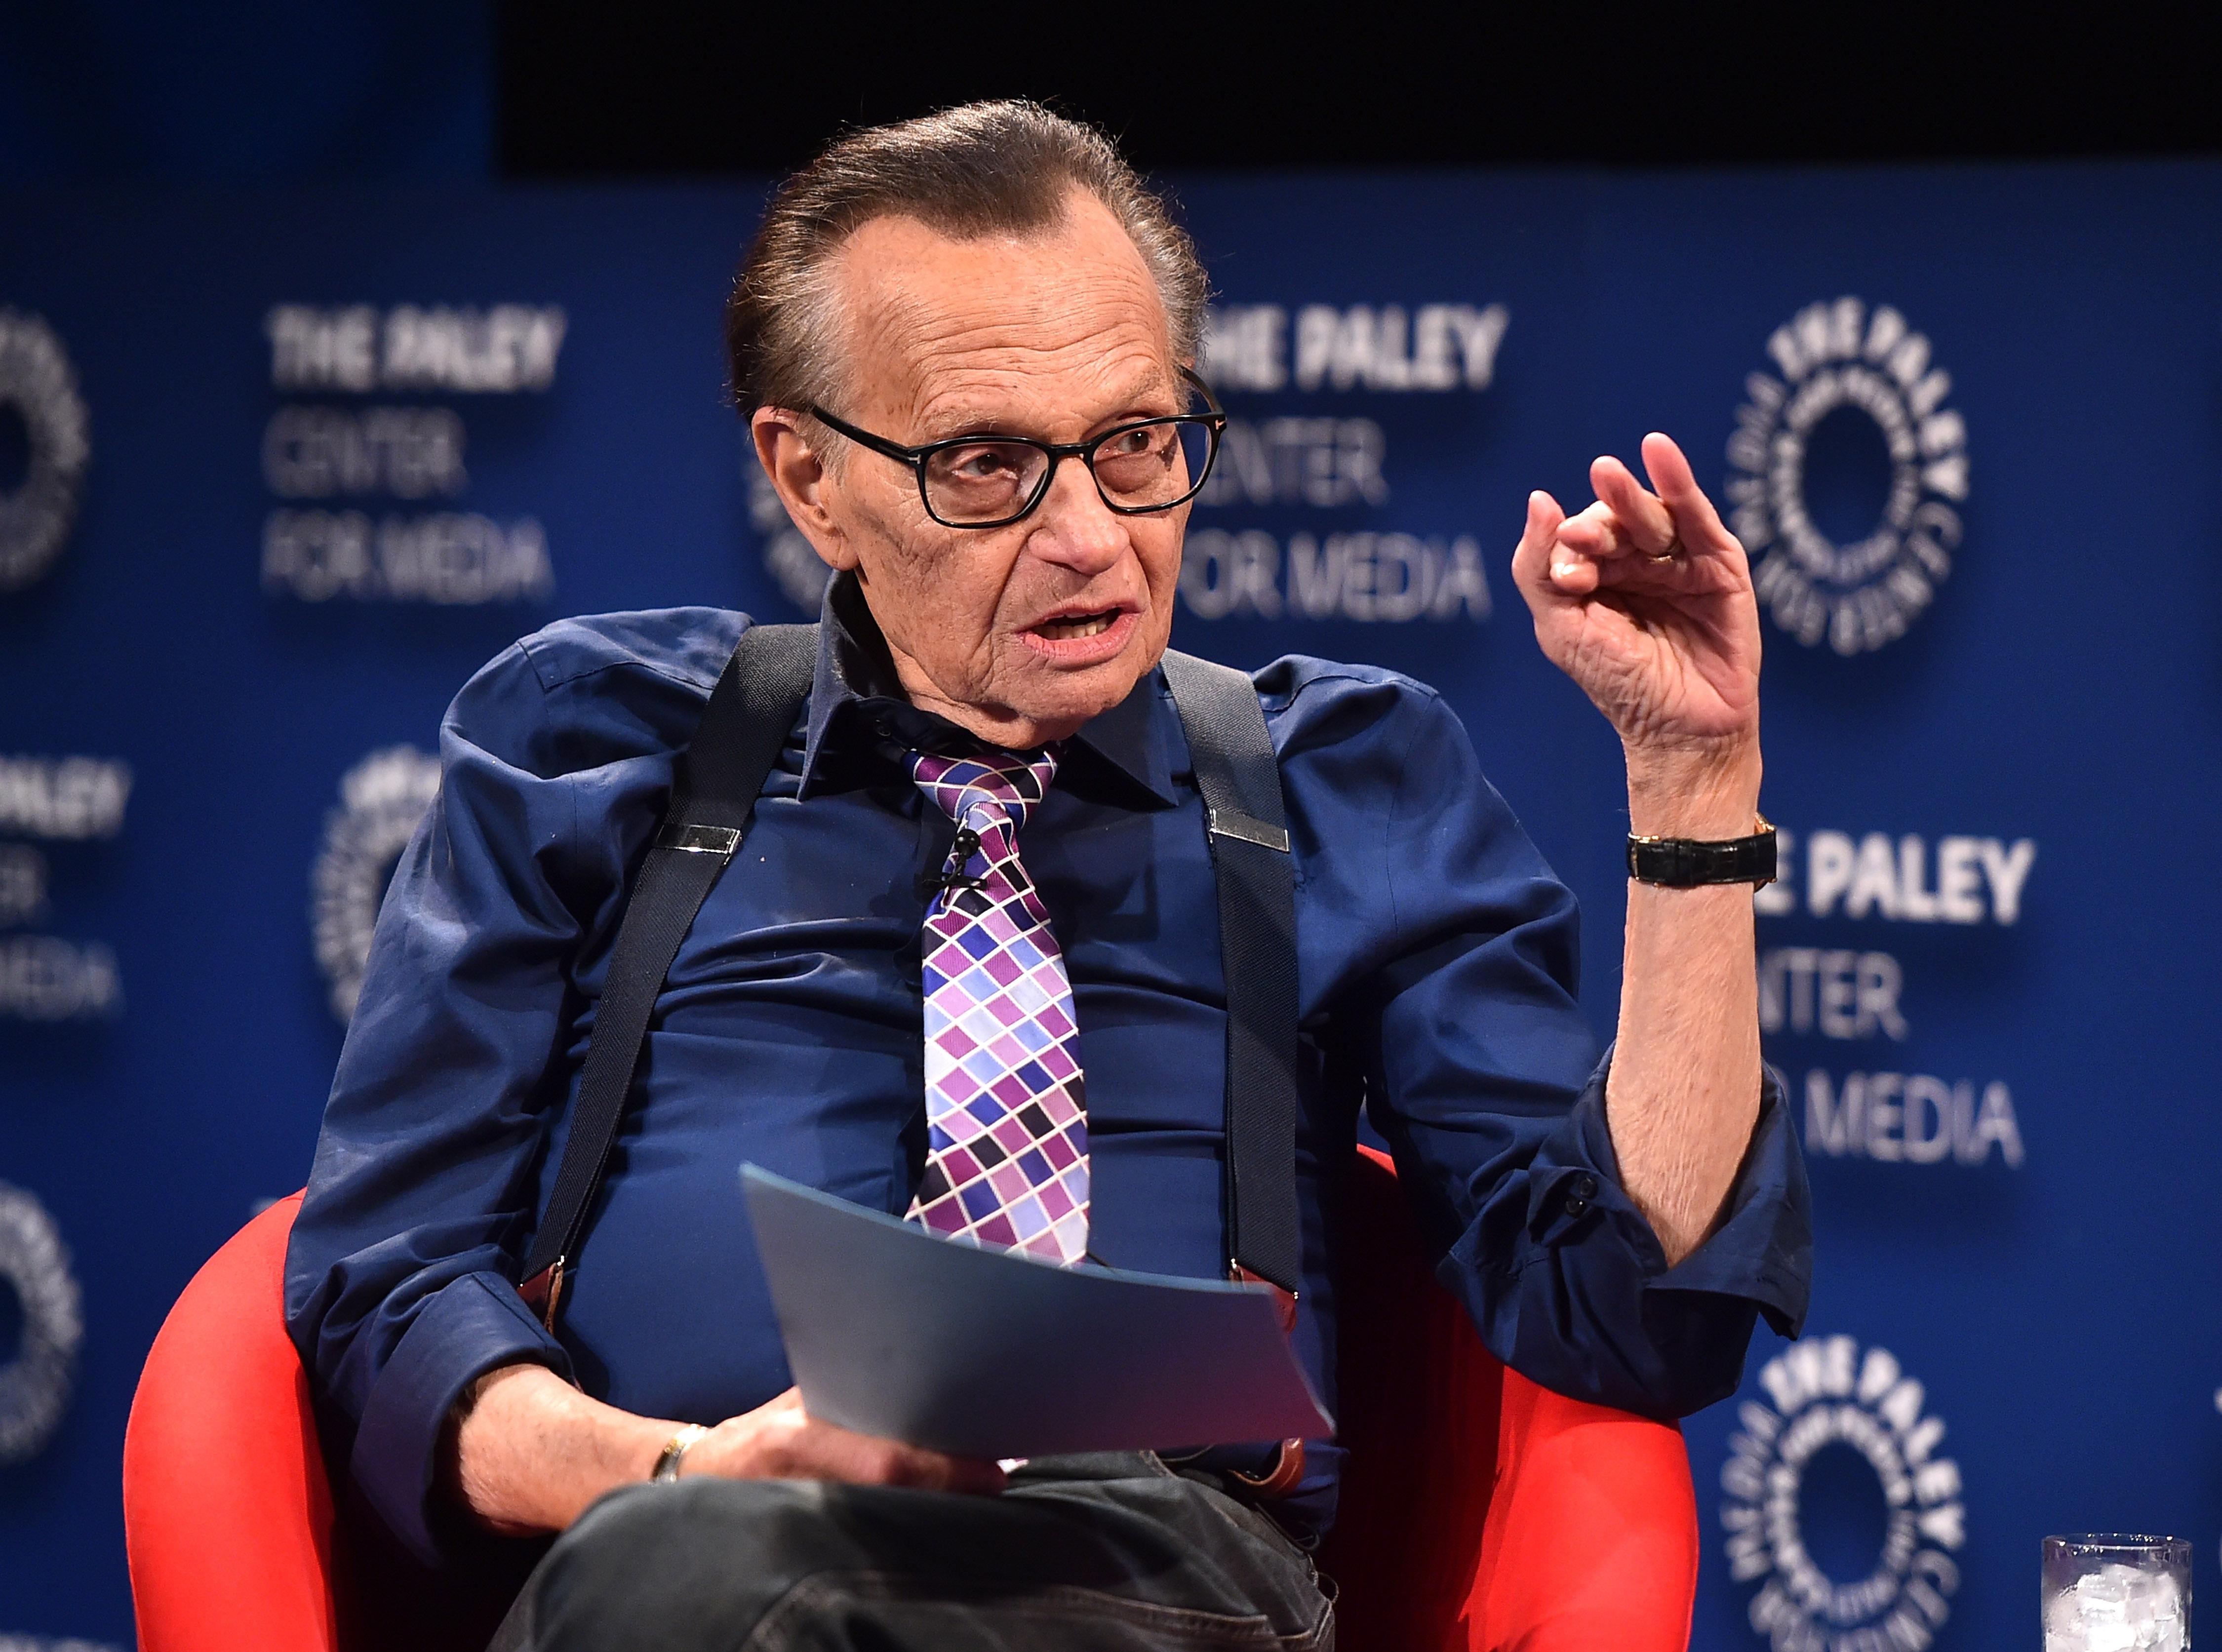 Efsane Programcı Larry King 87 Yaşında Hayatını Kaybetti